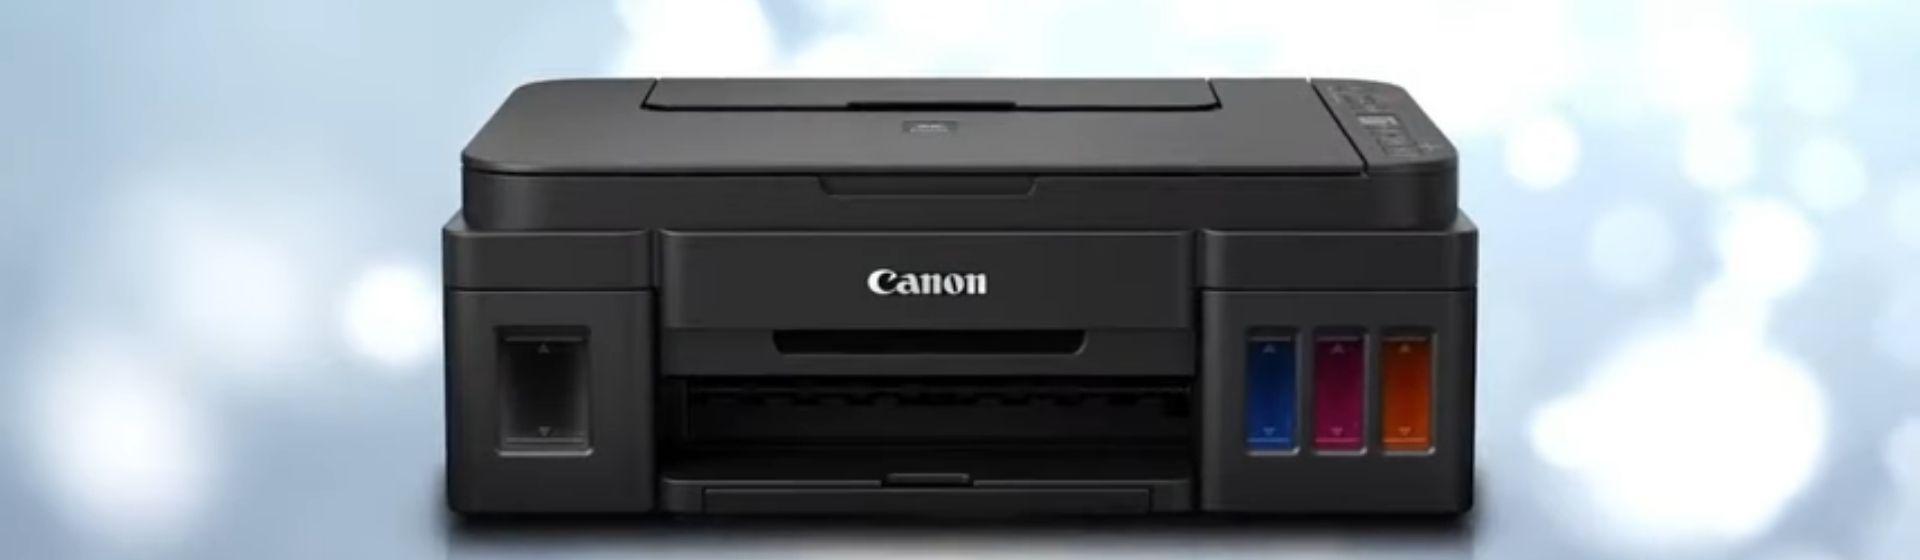 Impressora Canon G3111 é boa? Veja o preço e os prós e contras dela